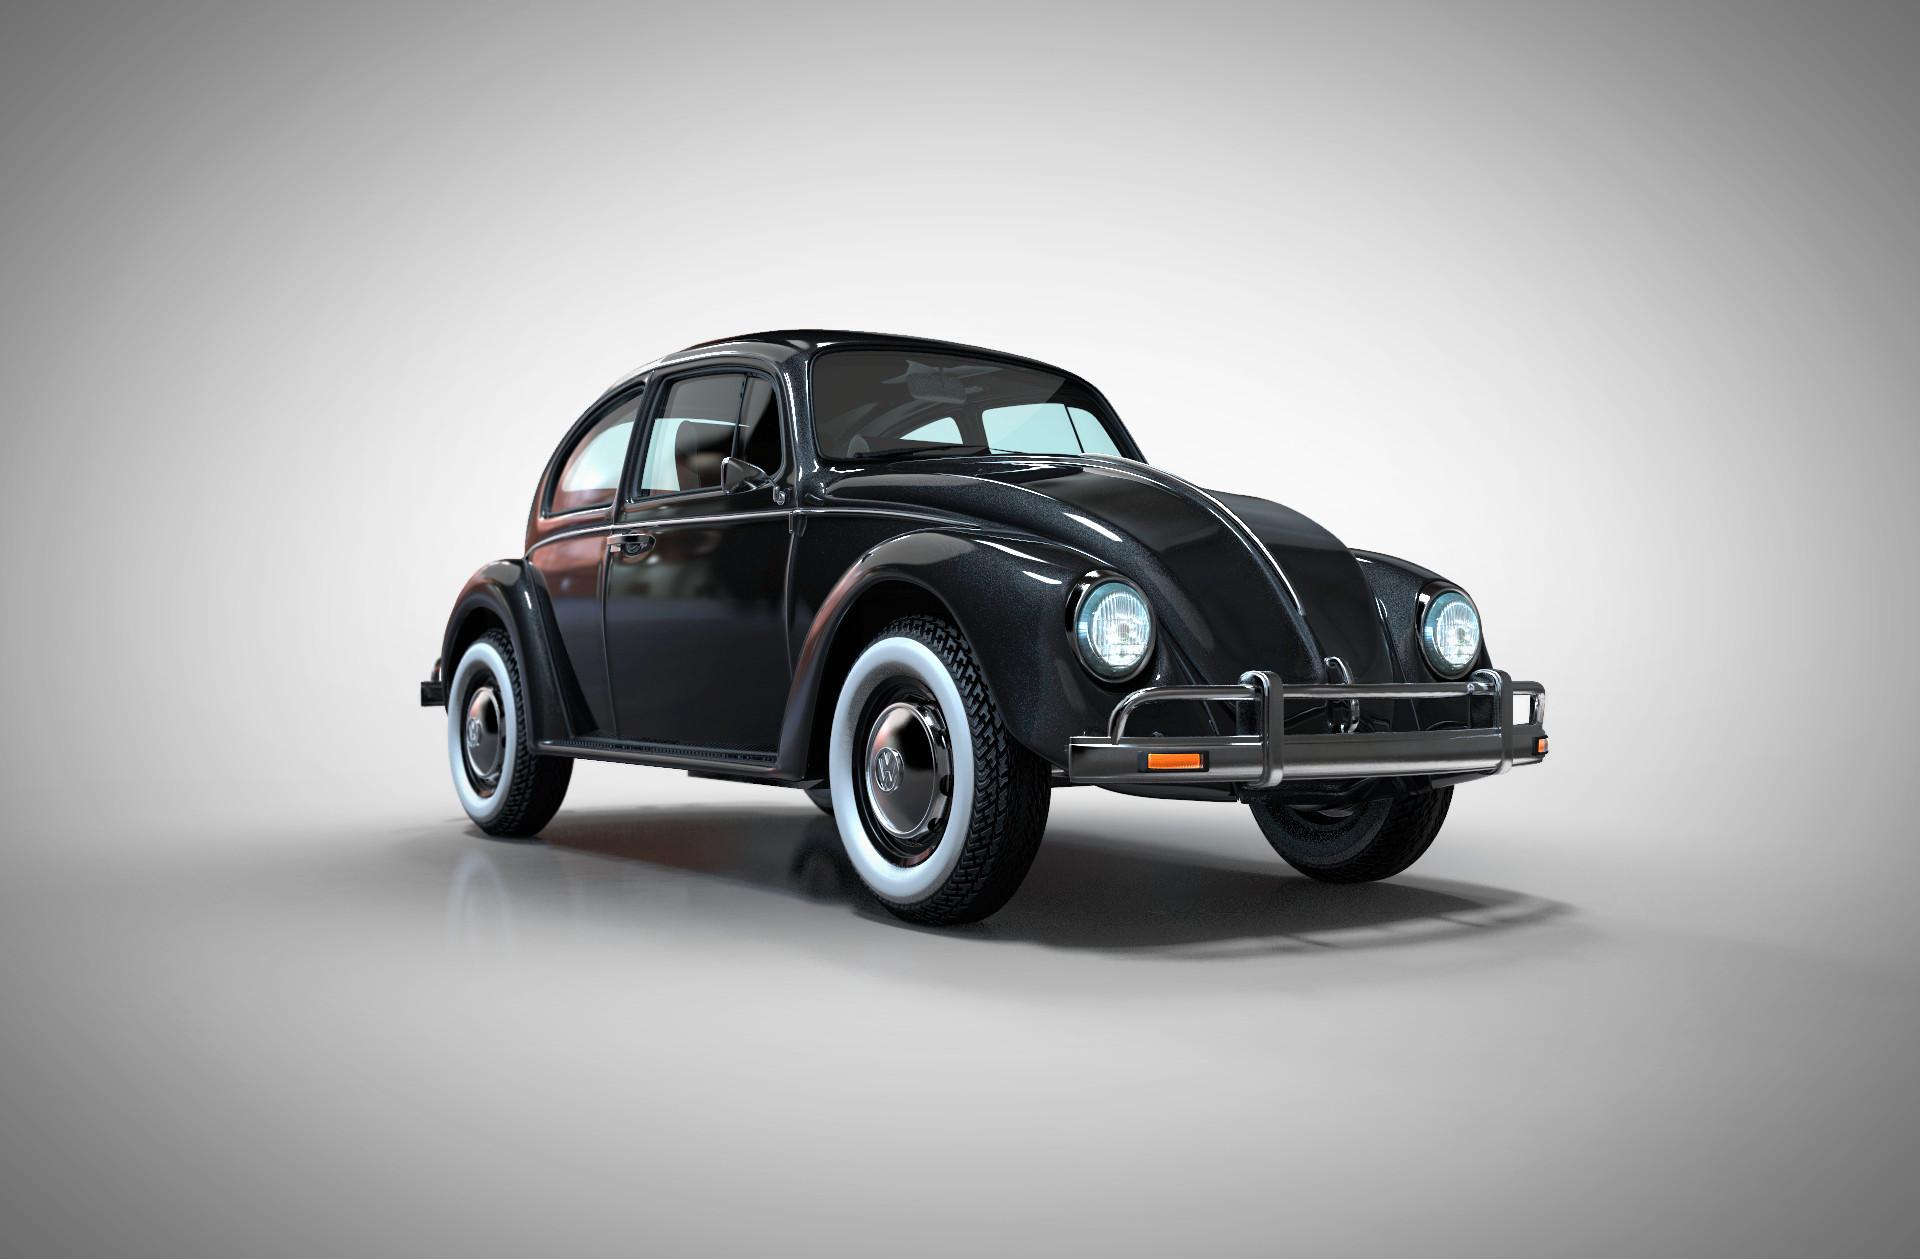 Jorge yepez beetle4 73negro